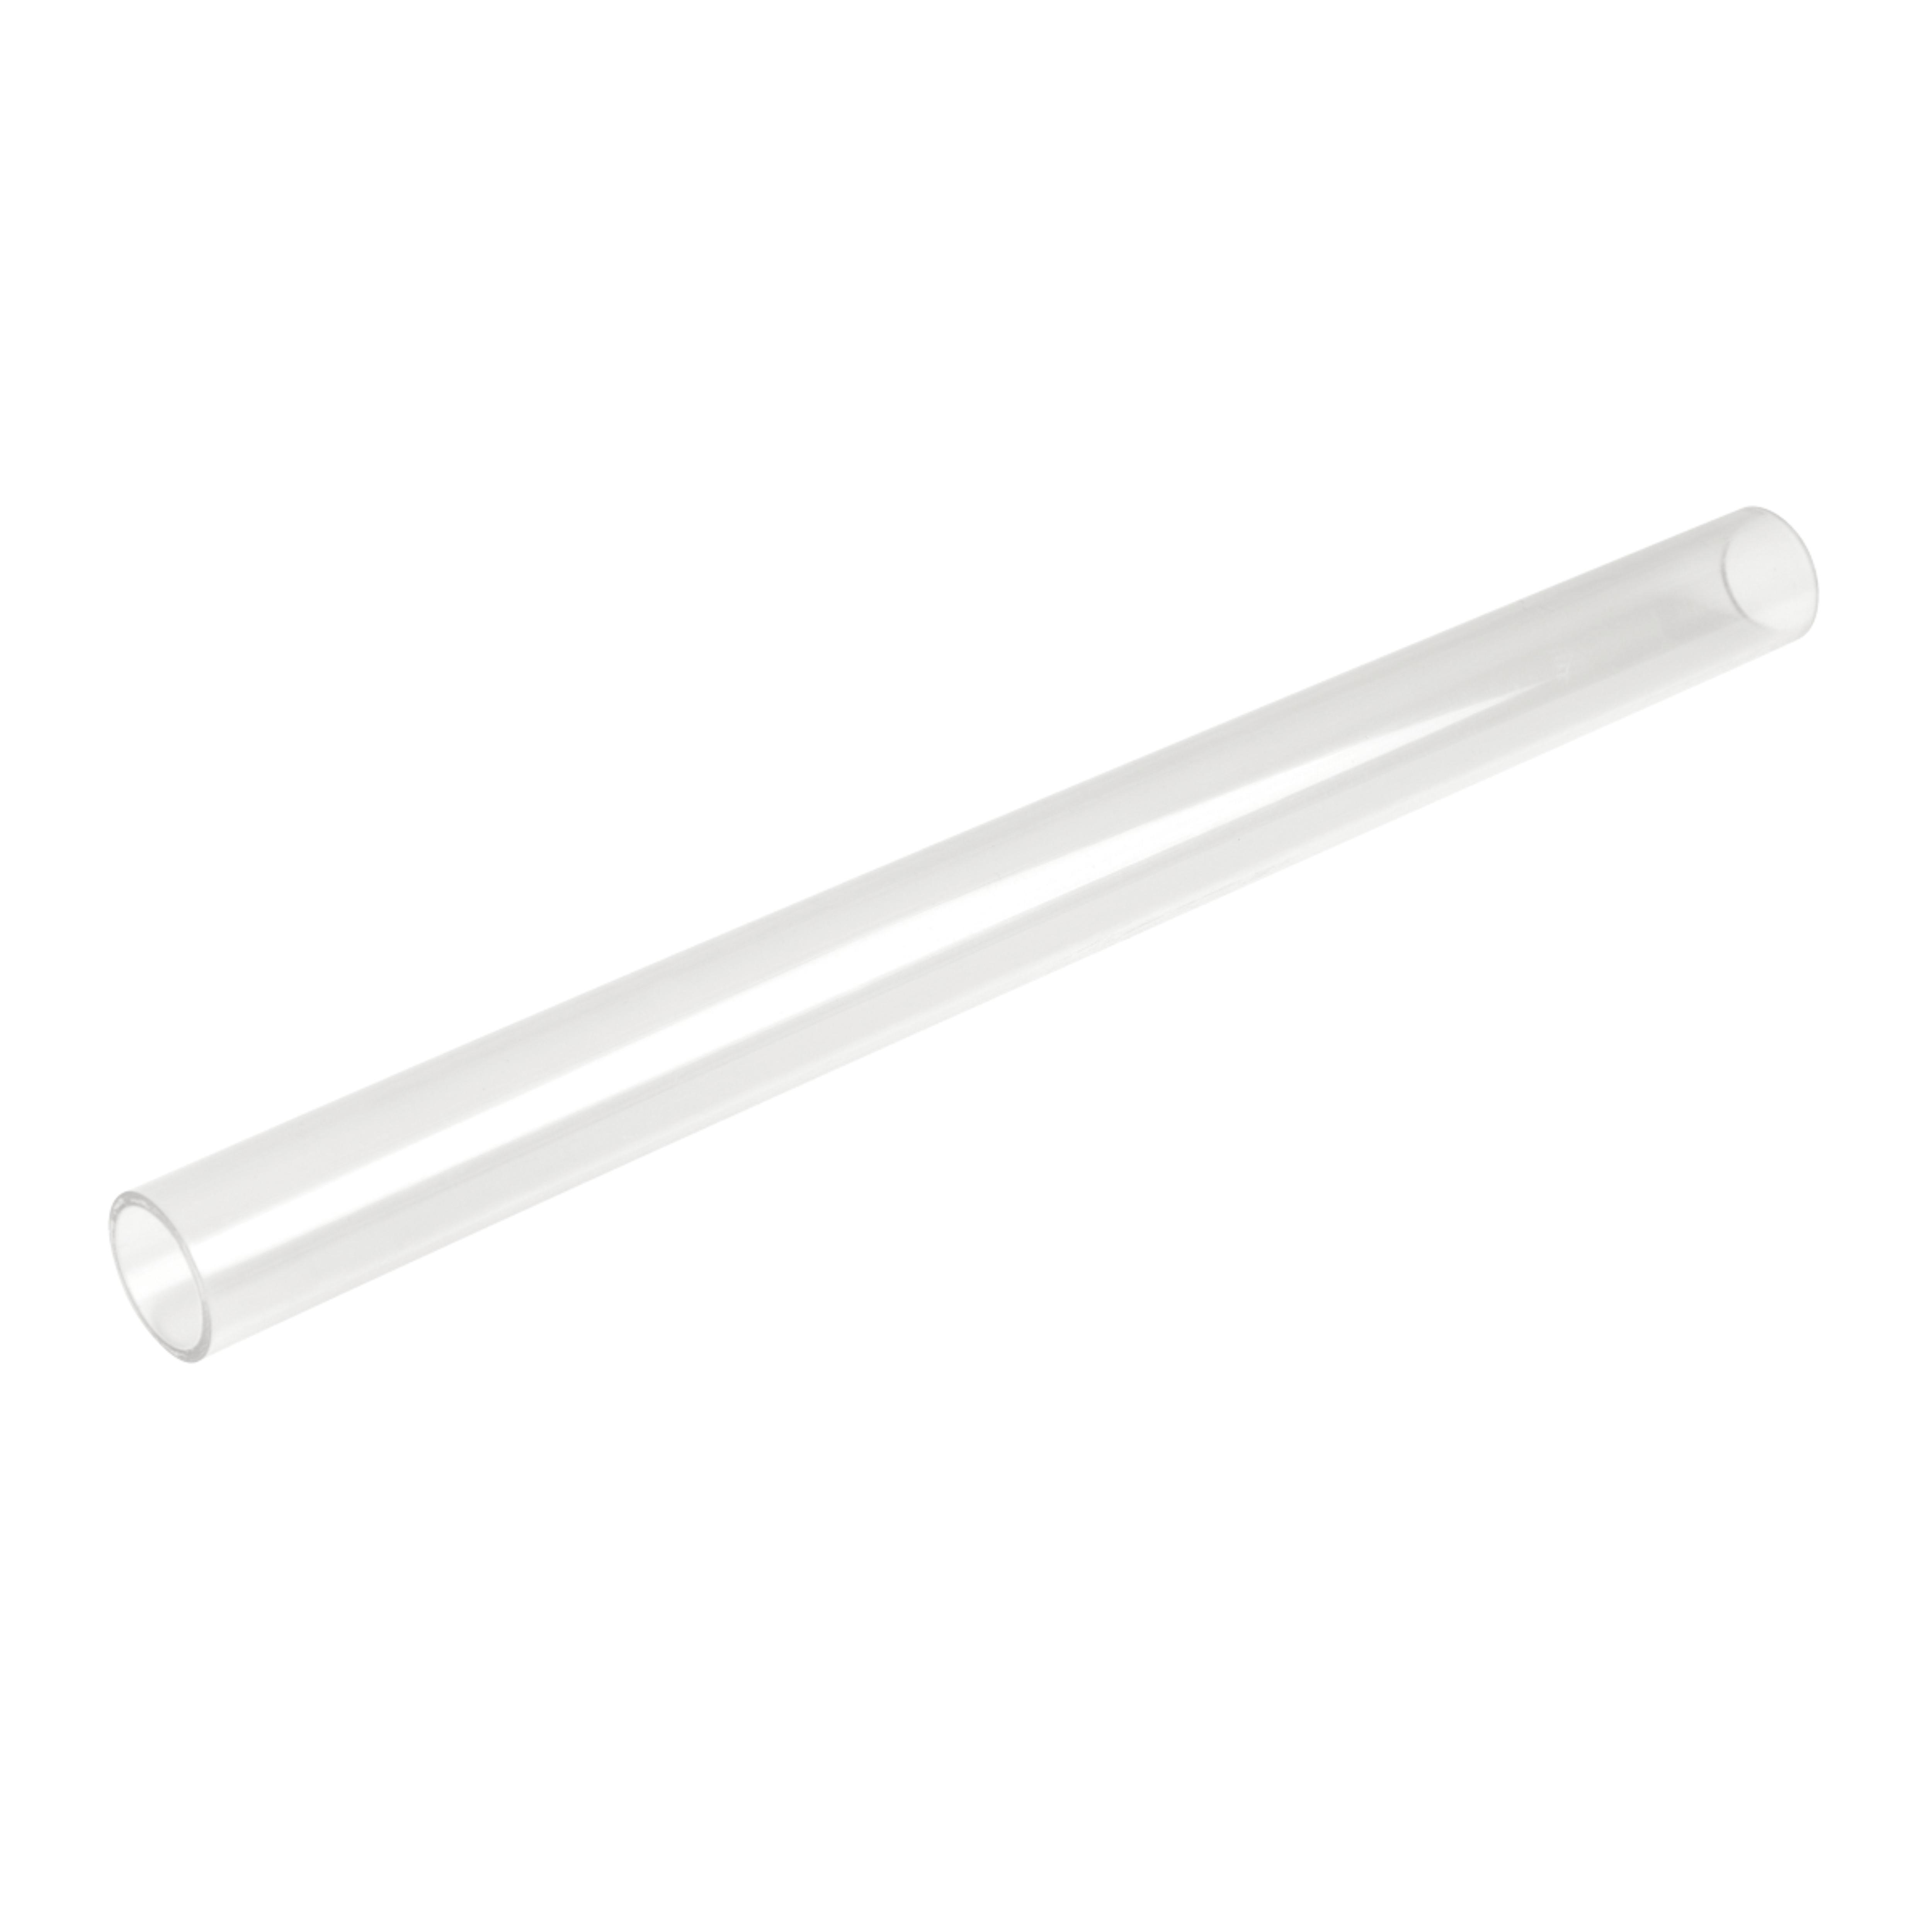 PVC potrubie DN 32 mm priehľadné, metráž